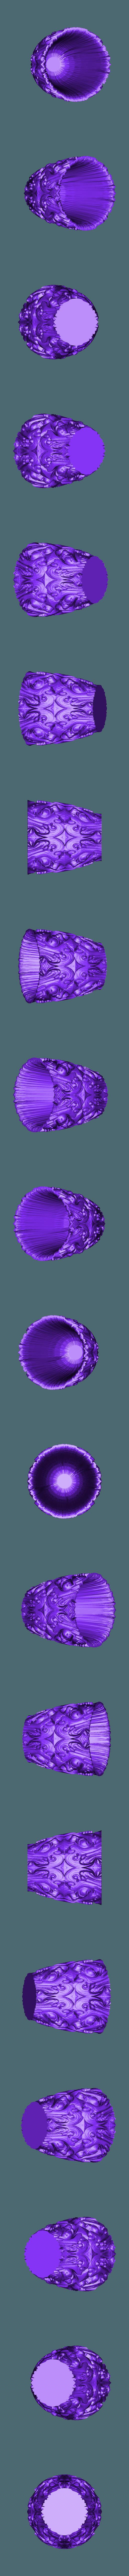 alienvase4.stl Télécharger fichier STL Collection de poteries étrangères • Objet pour imprimante 3D, ferjerez3d